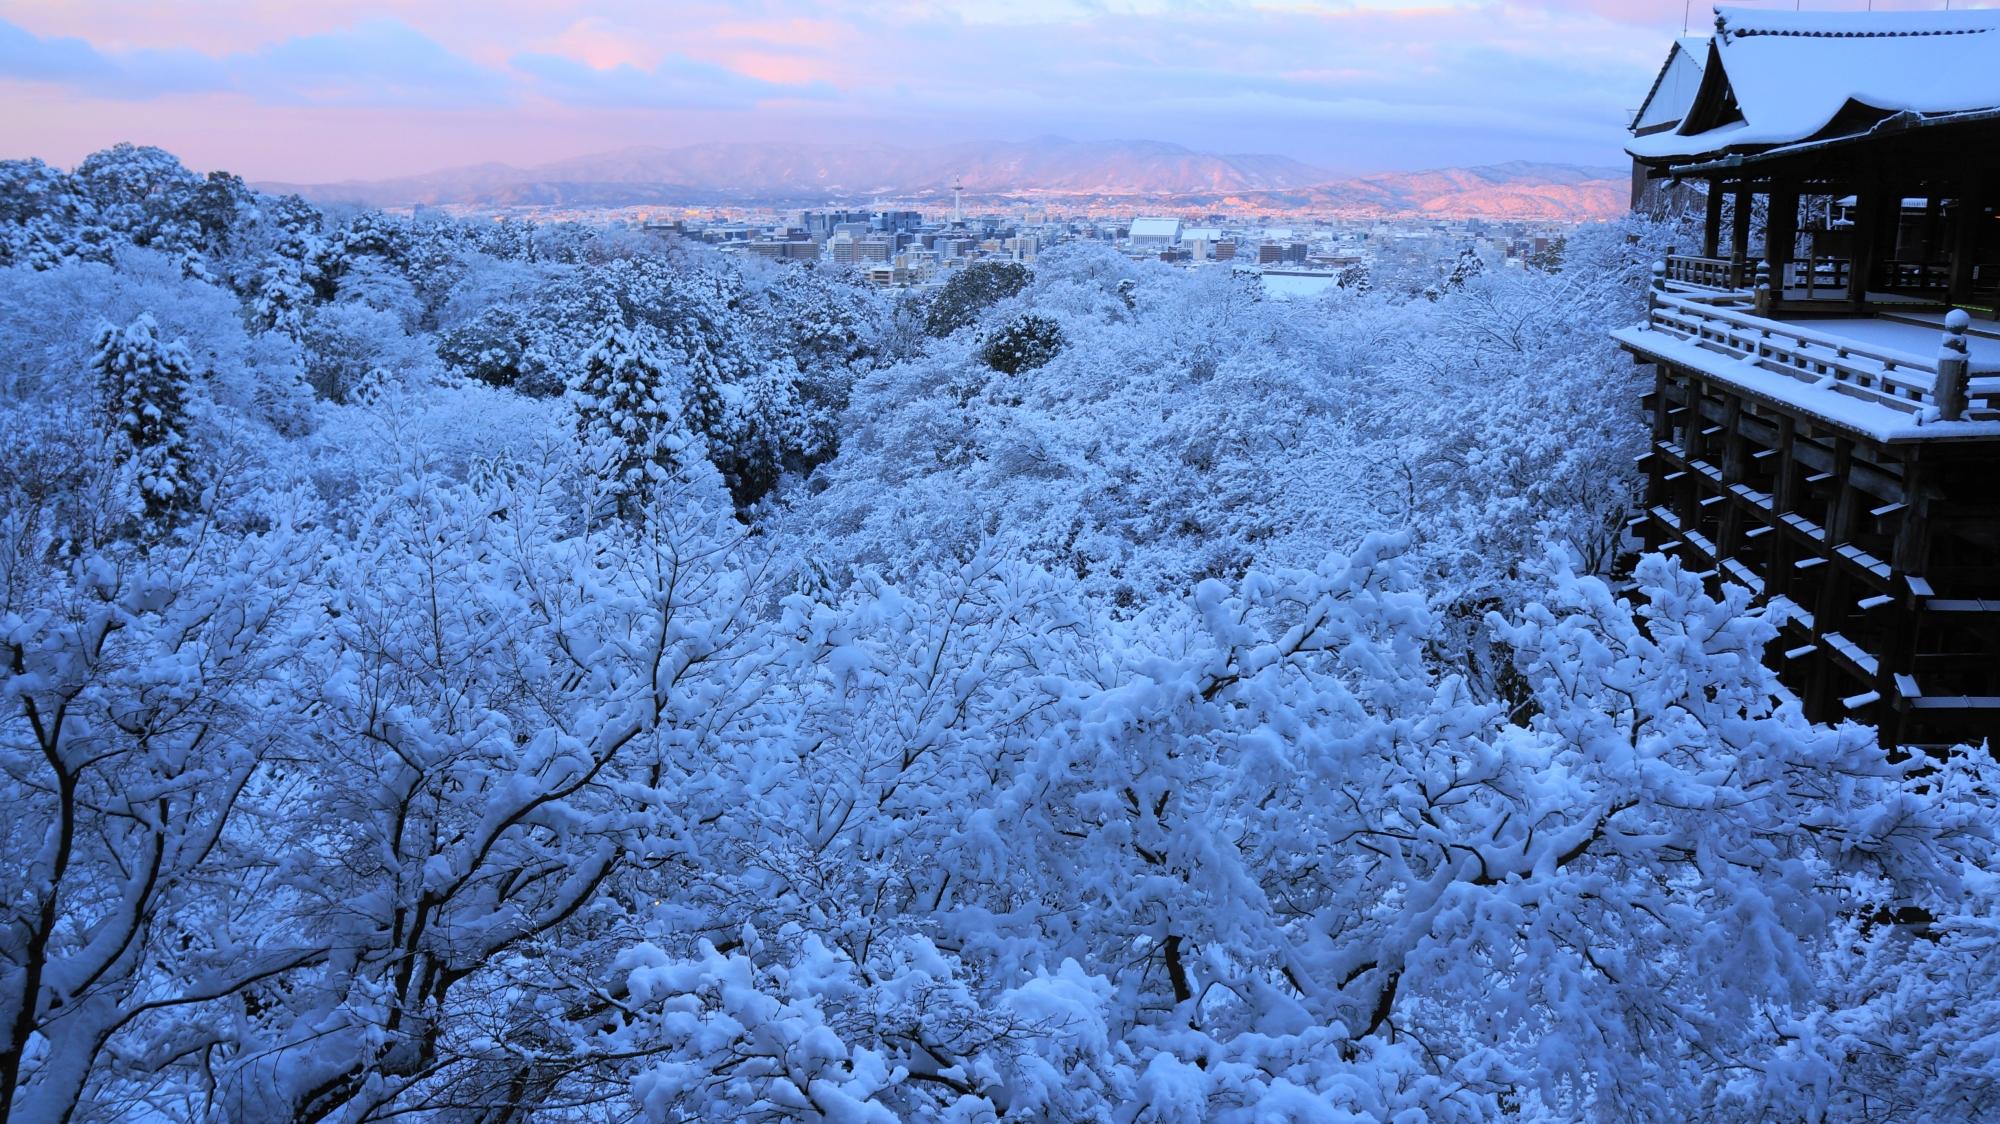 雪と朝焼けにつつまれた舞台と木々